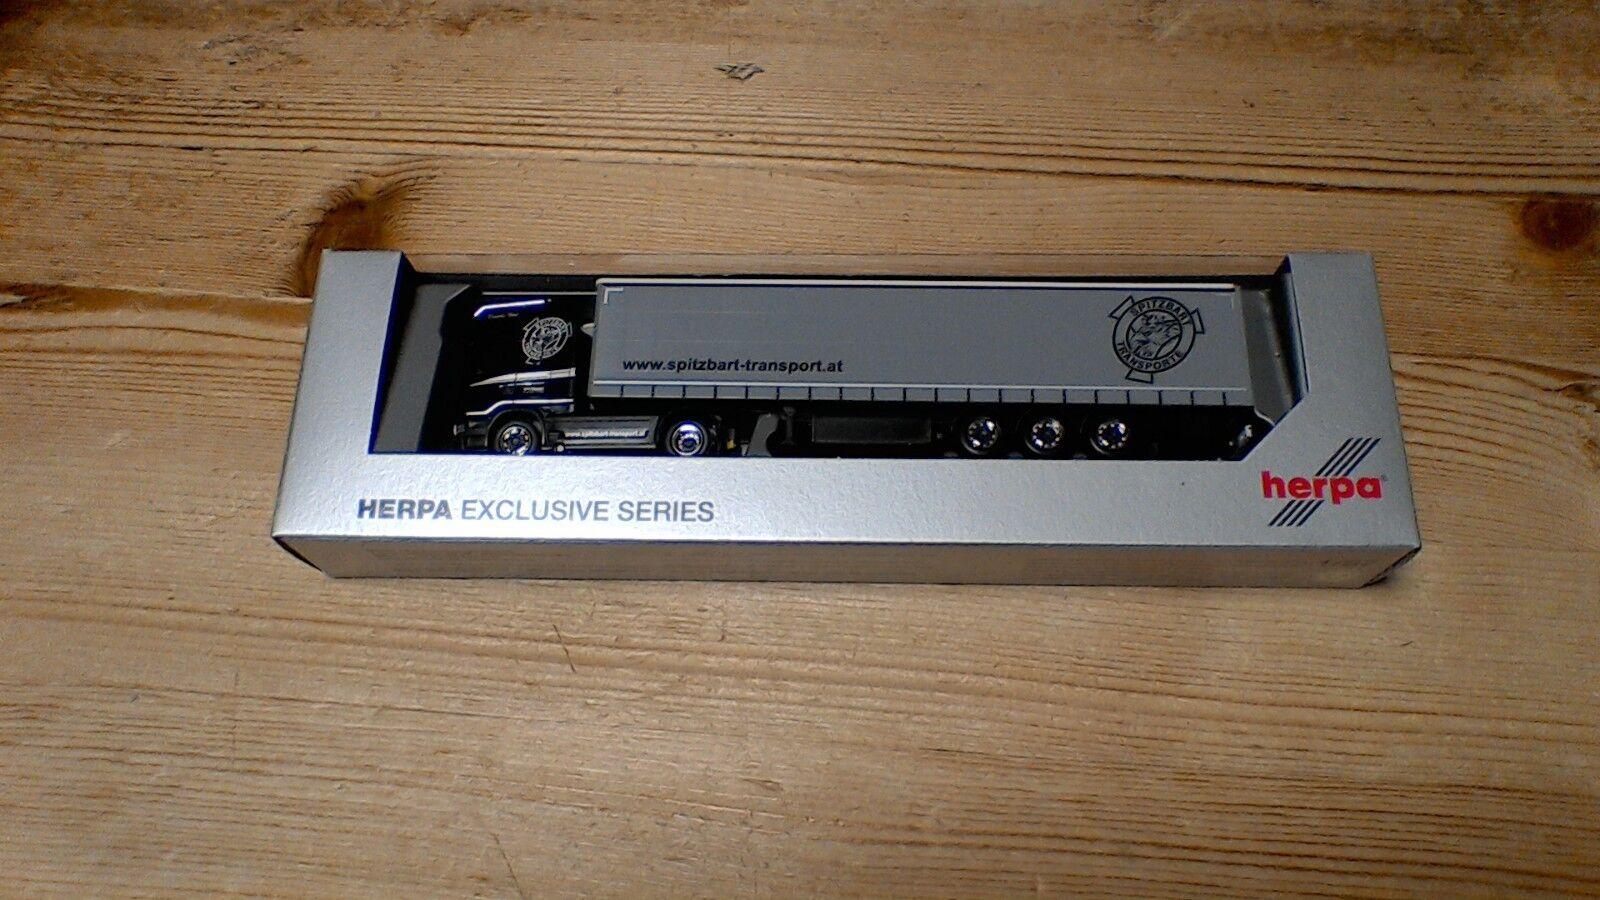 ventas en linea Herpa 932530 932530 932530 scania r13 Topline visillos planear-remolCochese  spitz Bart  1 87  diseño único